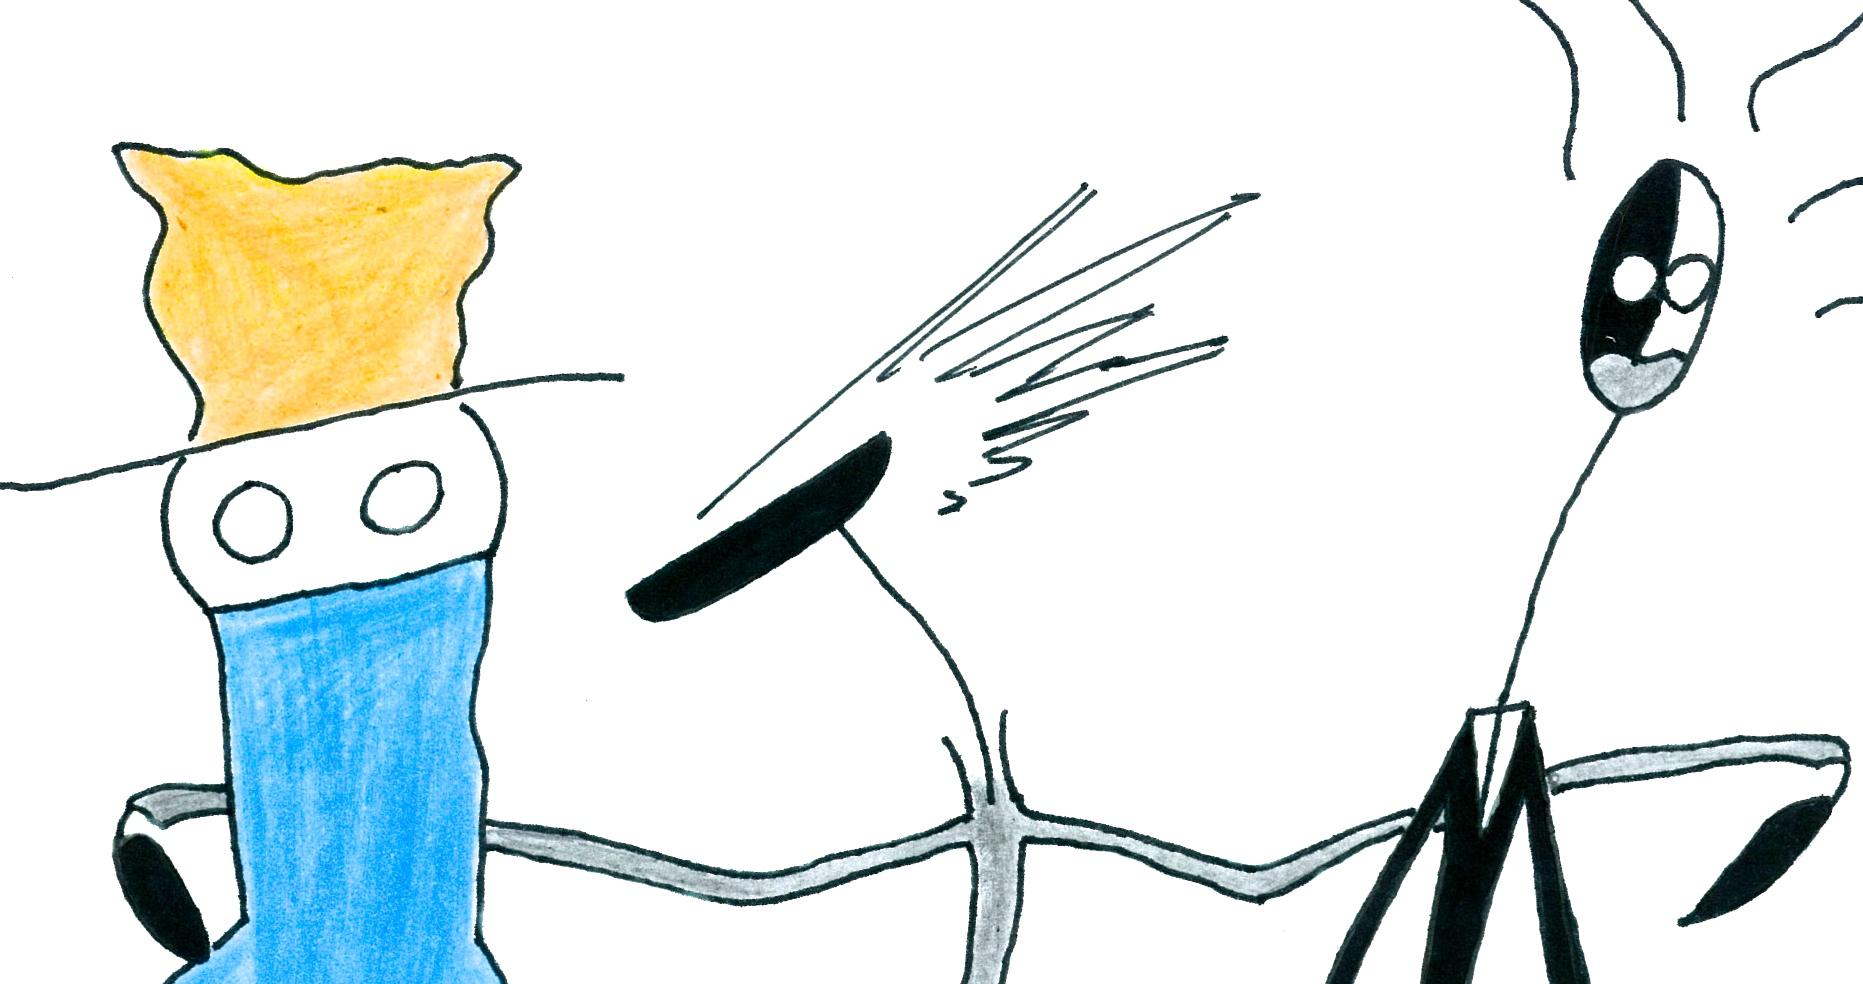 James, Kymog, Pereira, James & Cie, James & Cie - Les écarts, Levure Littéraire, Levure Littéraire n°10